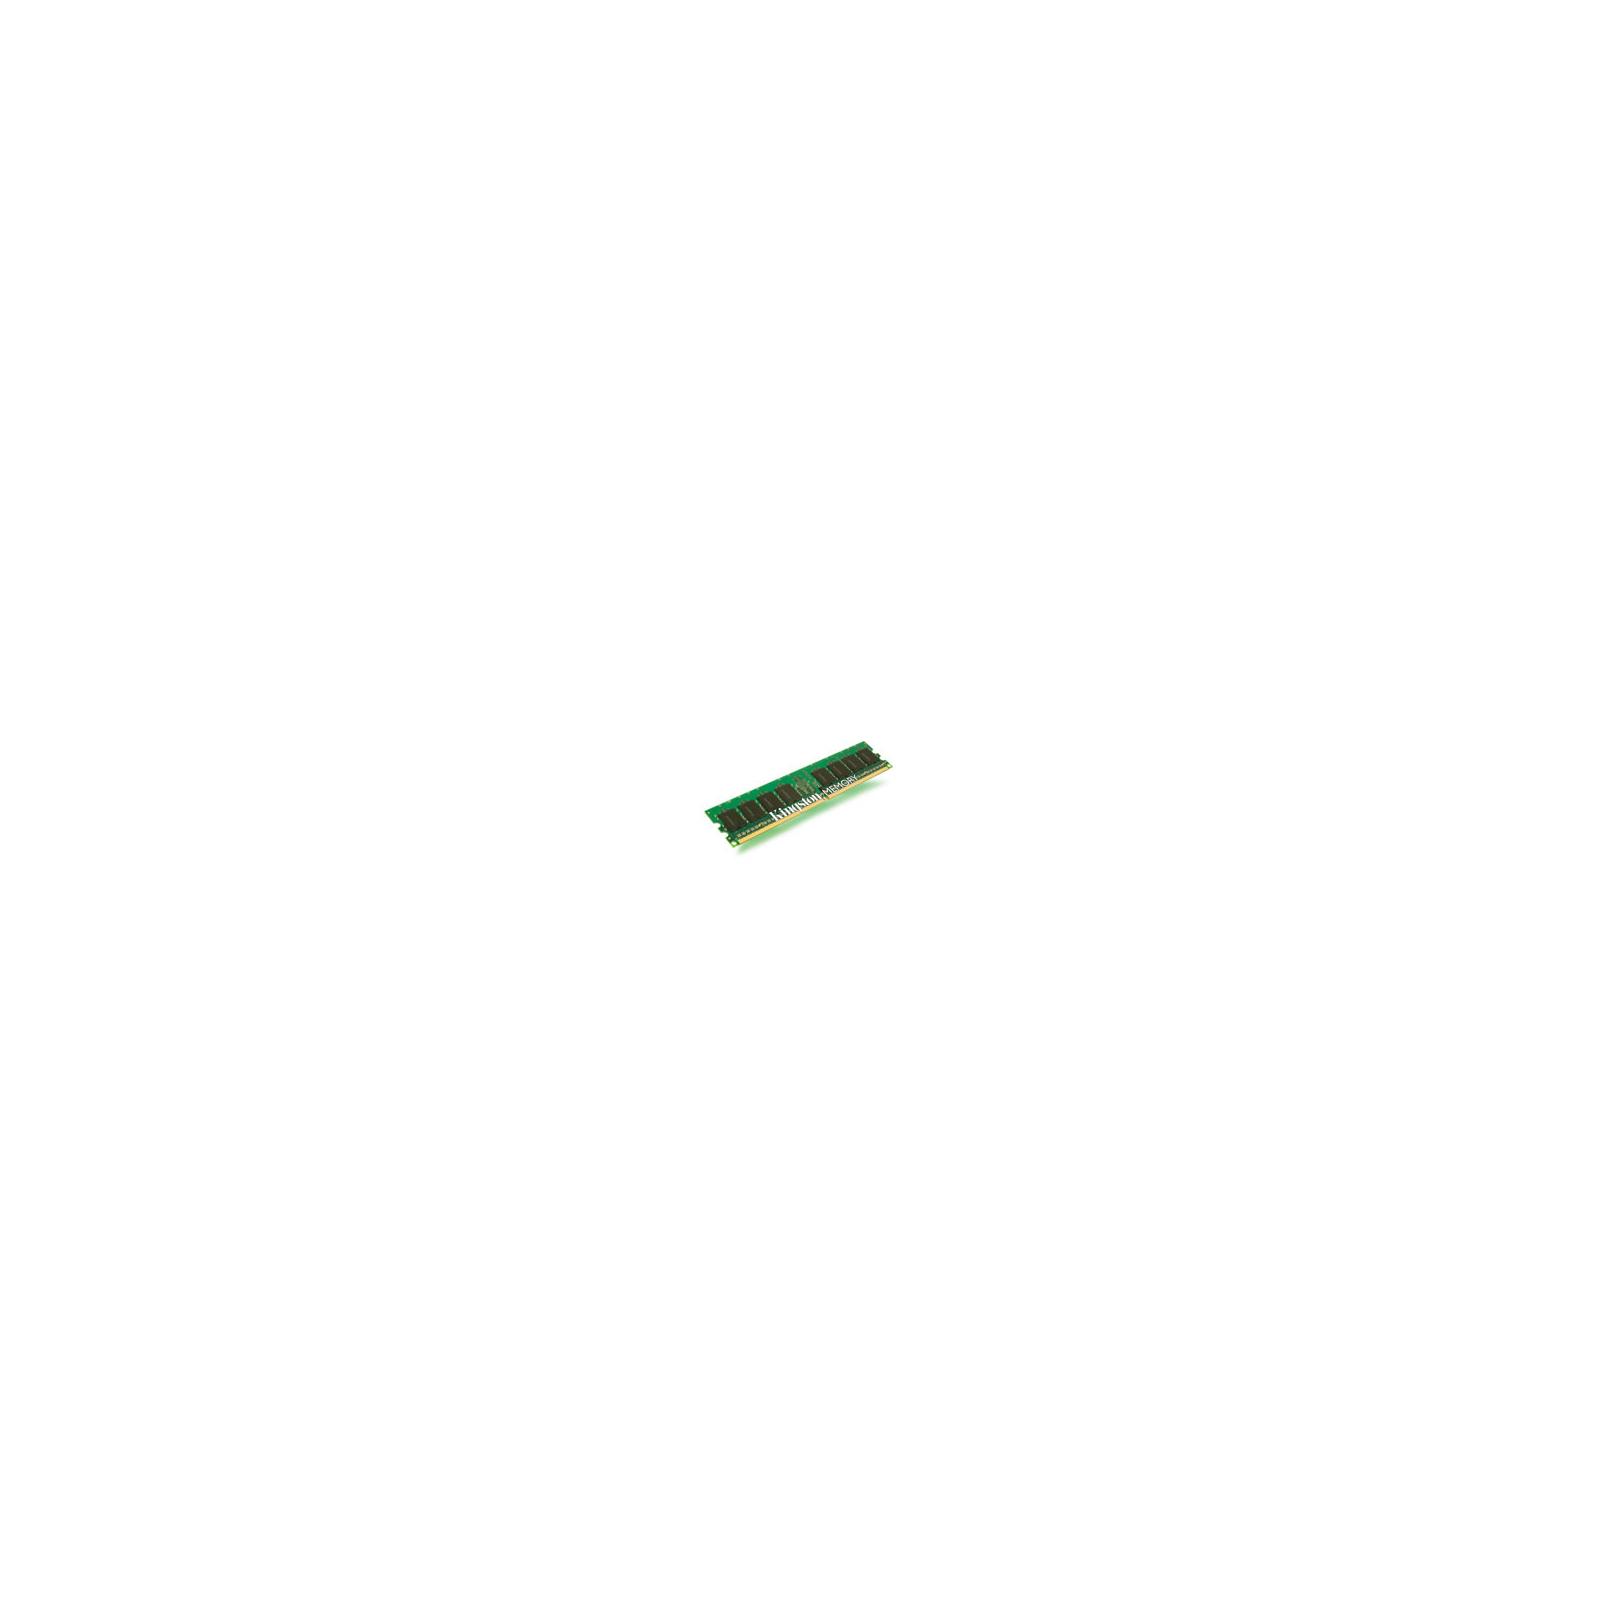 Модуль памяти для компьютера DDR3 1GB 1333 MHz Kingston (KVR1333D3N9/1G)